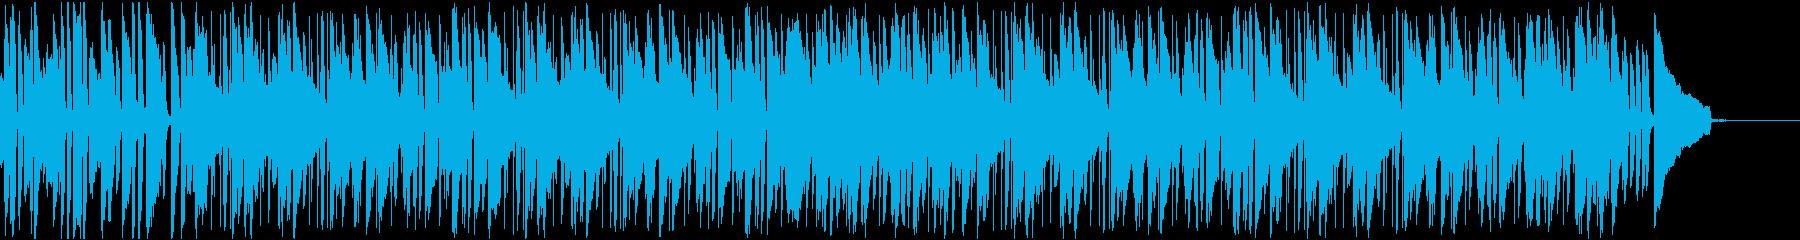 ジャズ・オシャレ・ランチ・休憩・カフェの再生済みの波形